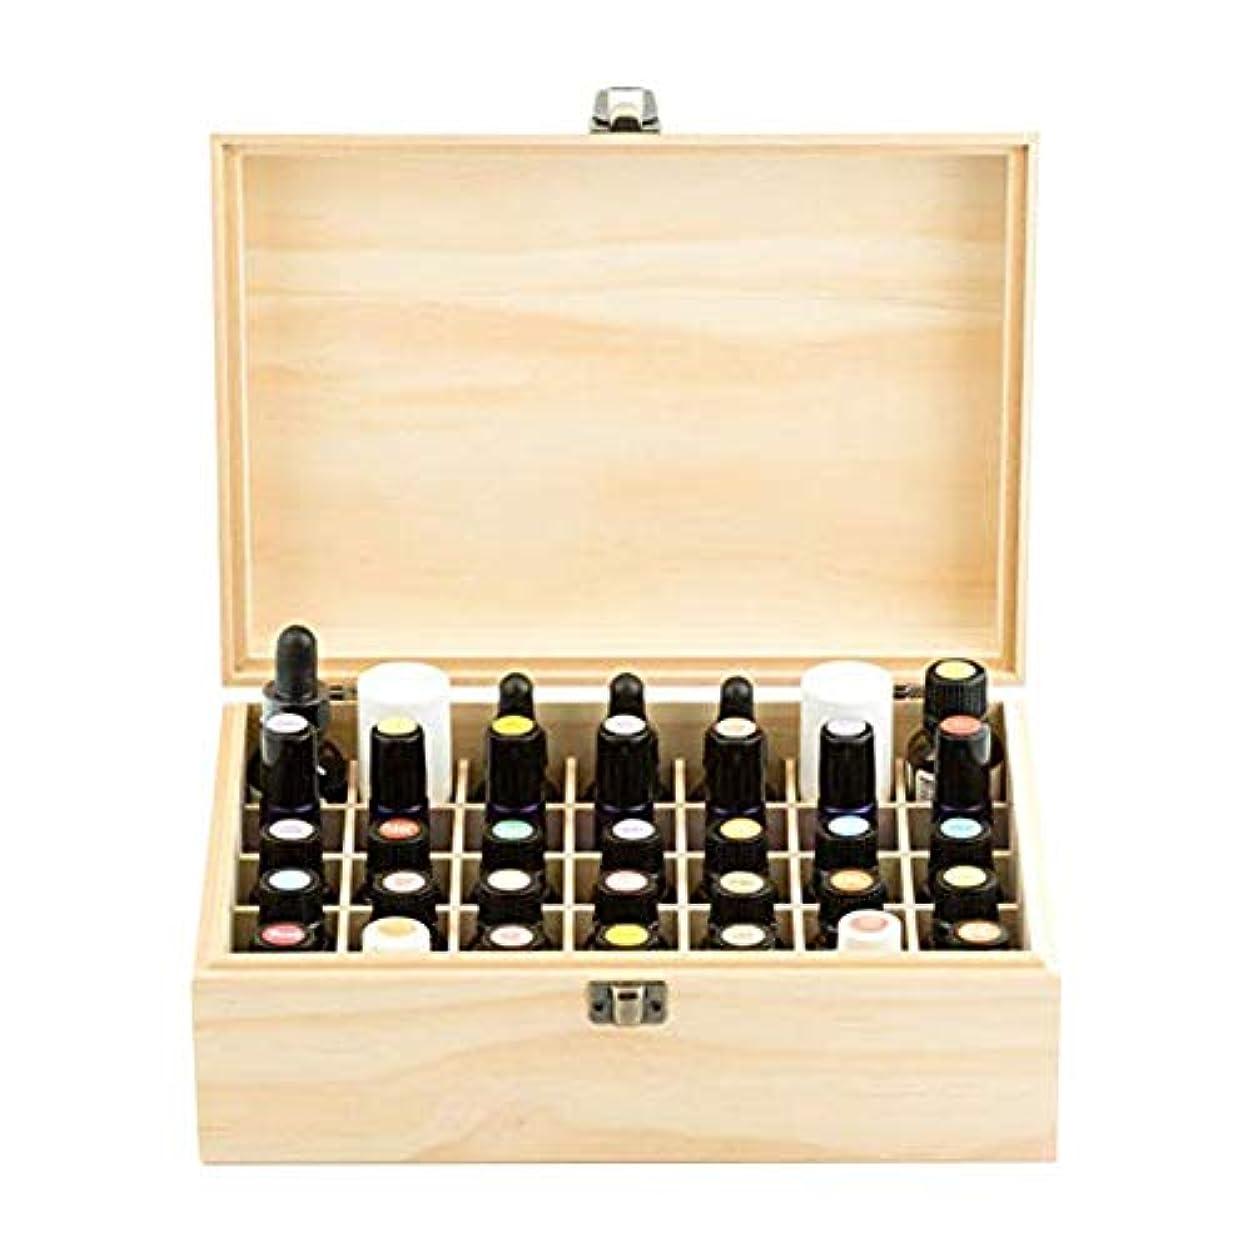 精査する危険にさらされているチョップエッセンシャルオイル収納ボックス 純木の精油の収納箱 香水収納ケース アロマオイル収納ボックス 35本用